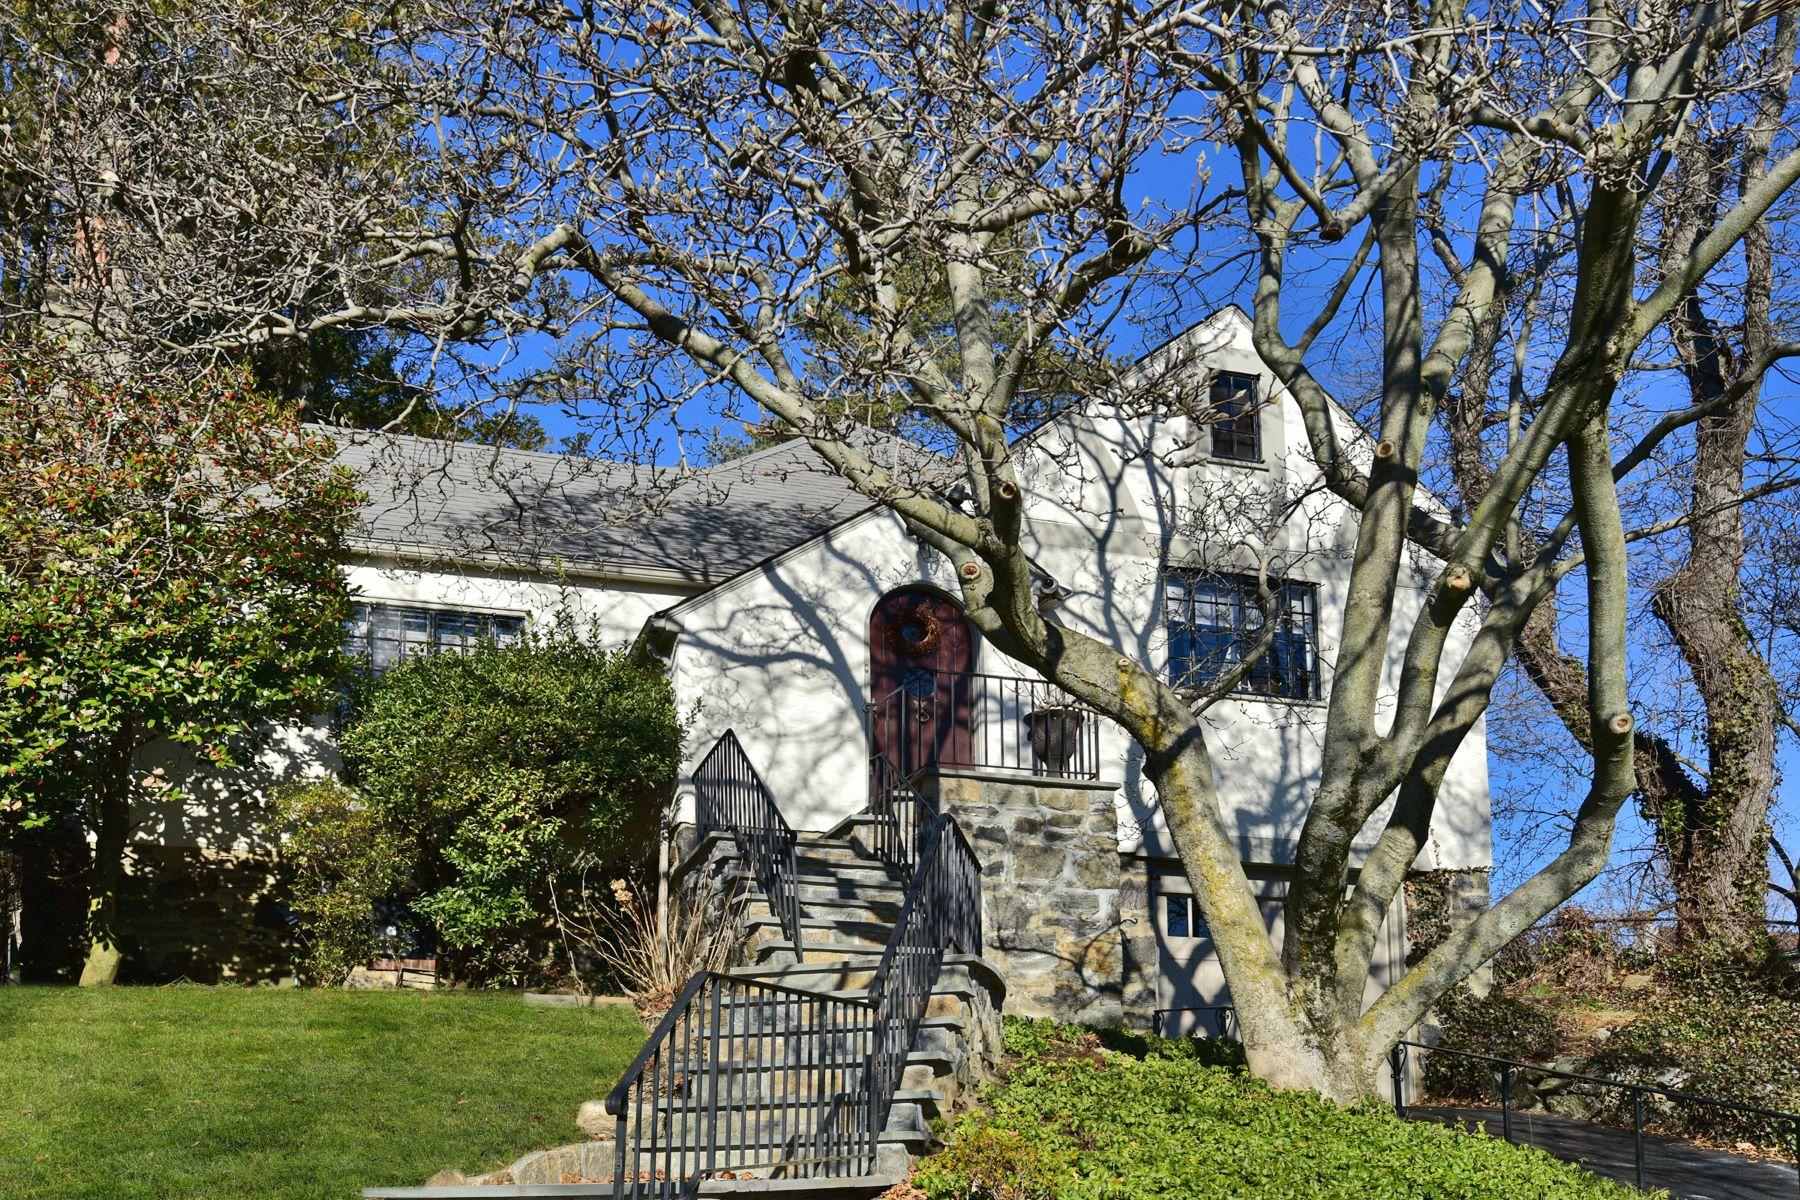 Casa Unifamiliar por un Venta en Beautiful Backyard: One Block to Harbor! 629 Cortlandt Avenue, Mamaroneck, Nueva York, 10543 Estados Unidos